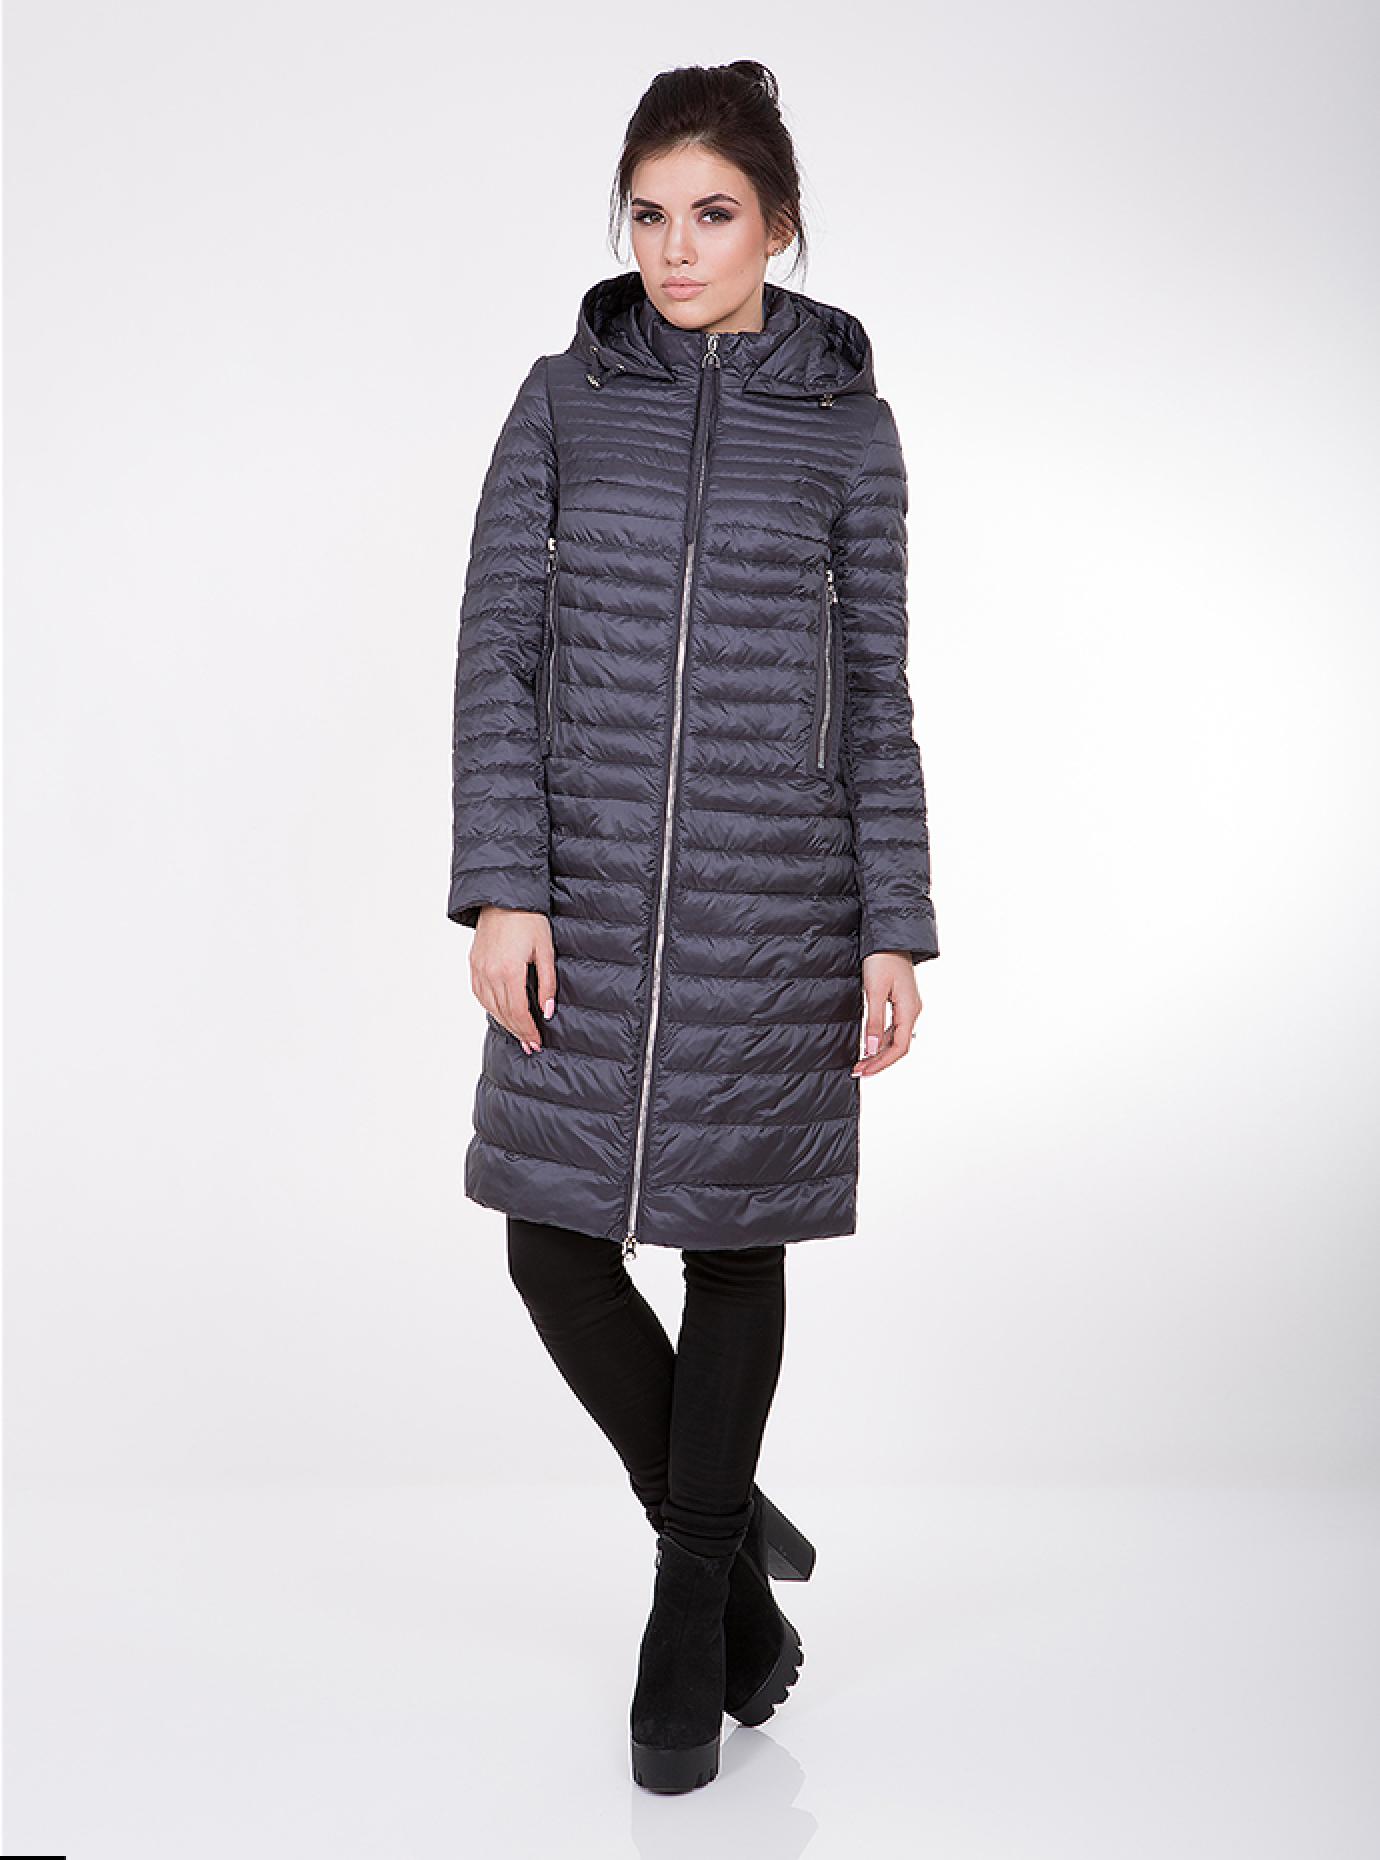 Куртка женская демисезонная с карманами на молнии Чёрный S (02-CD18154): фото - Alster.ua